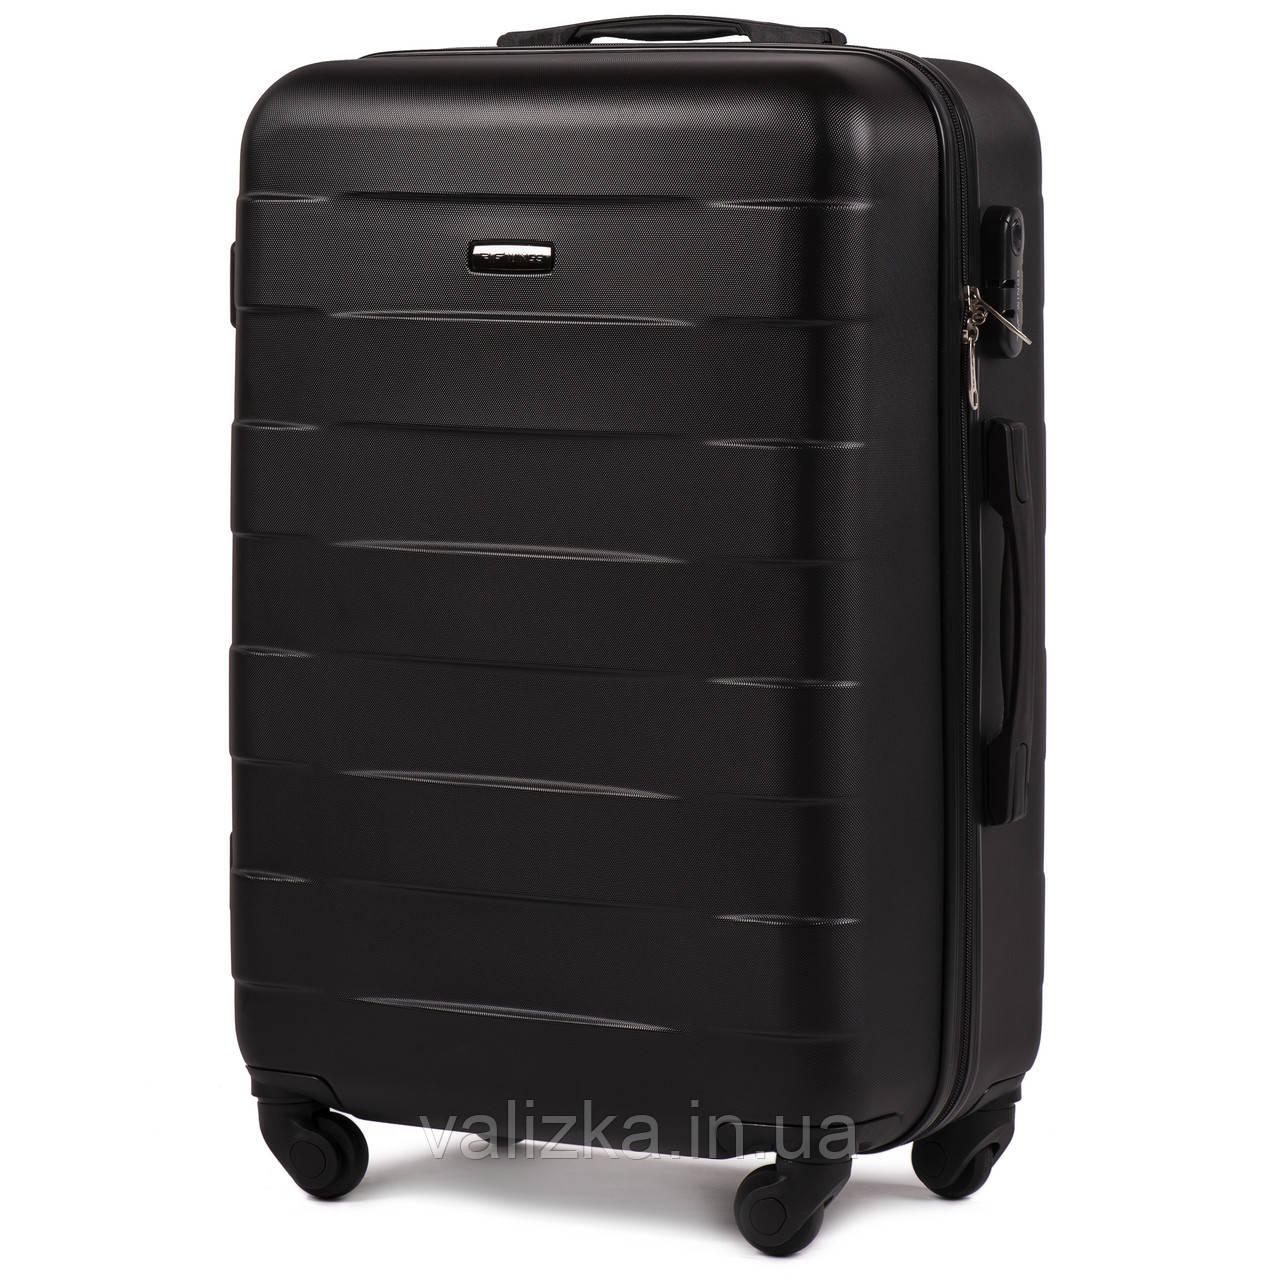 Пластиковый чемодан Wings 401 средний 4- колесный черный